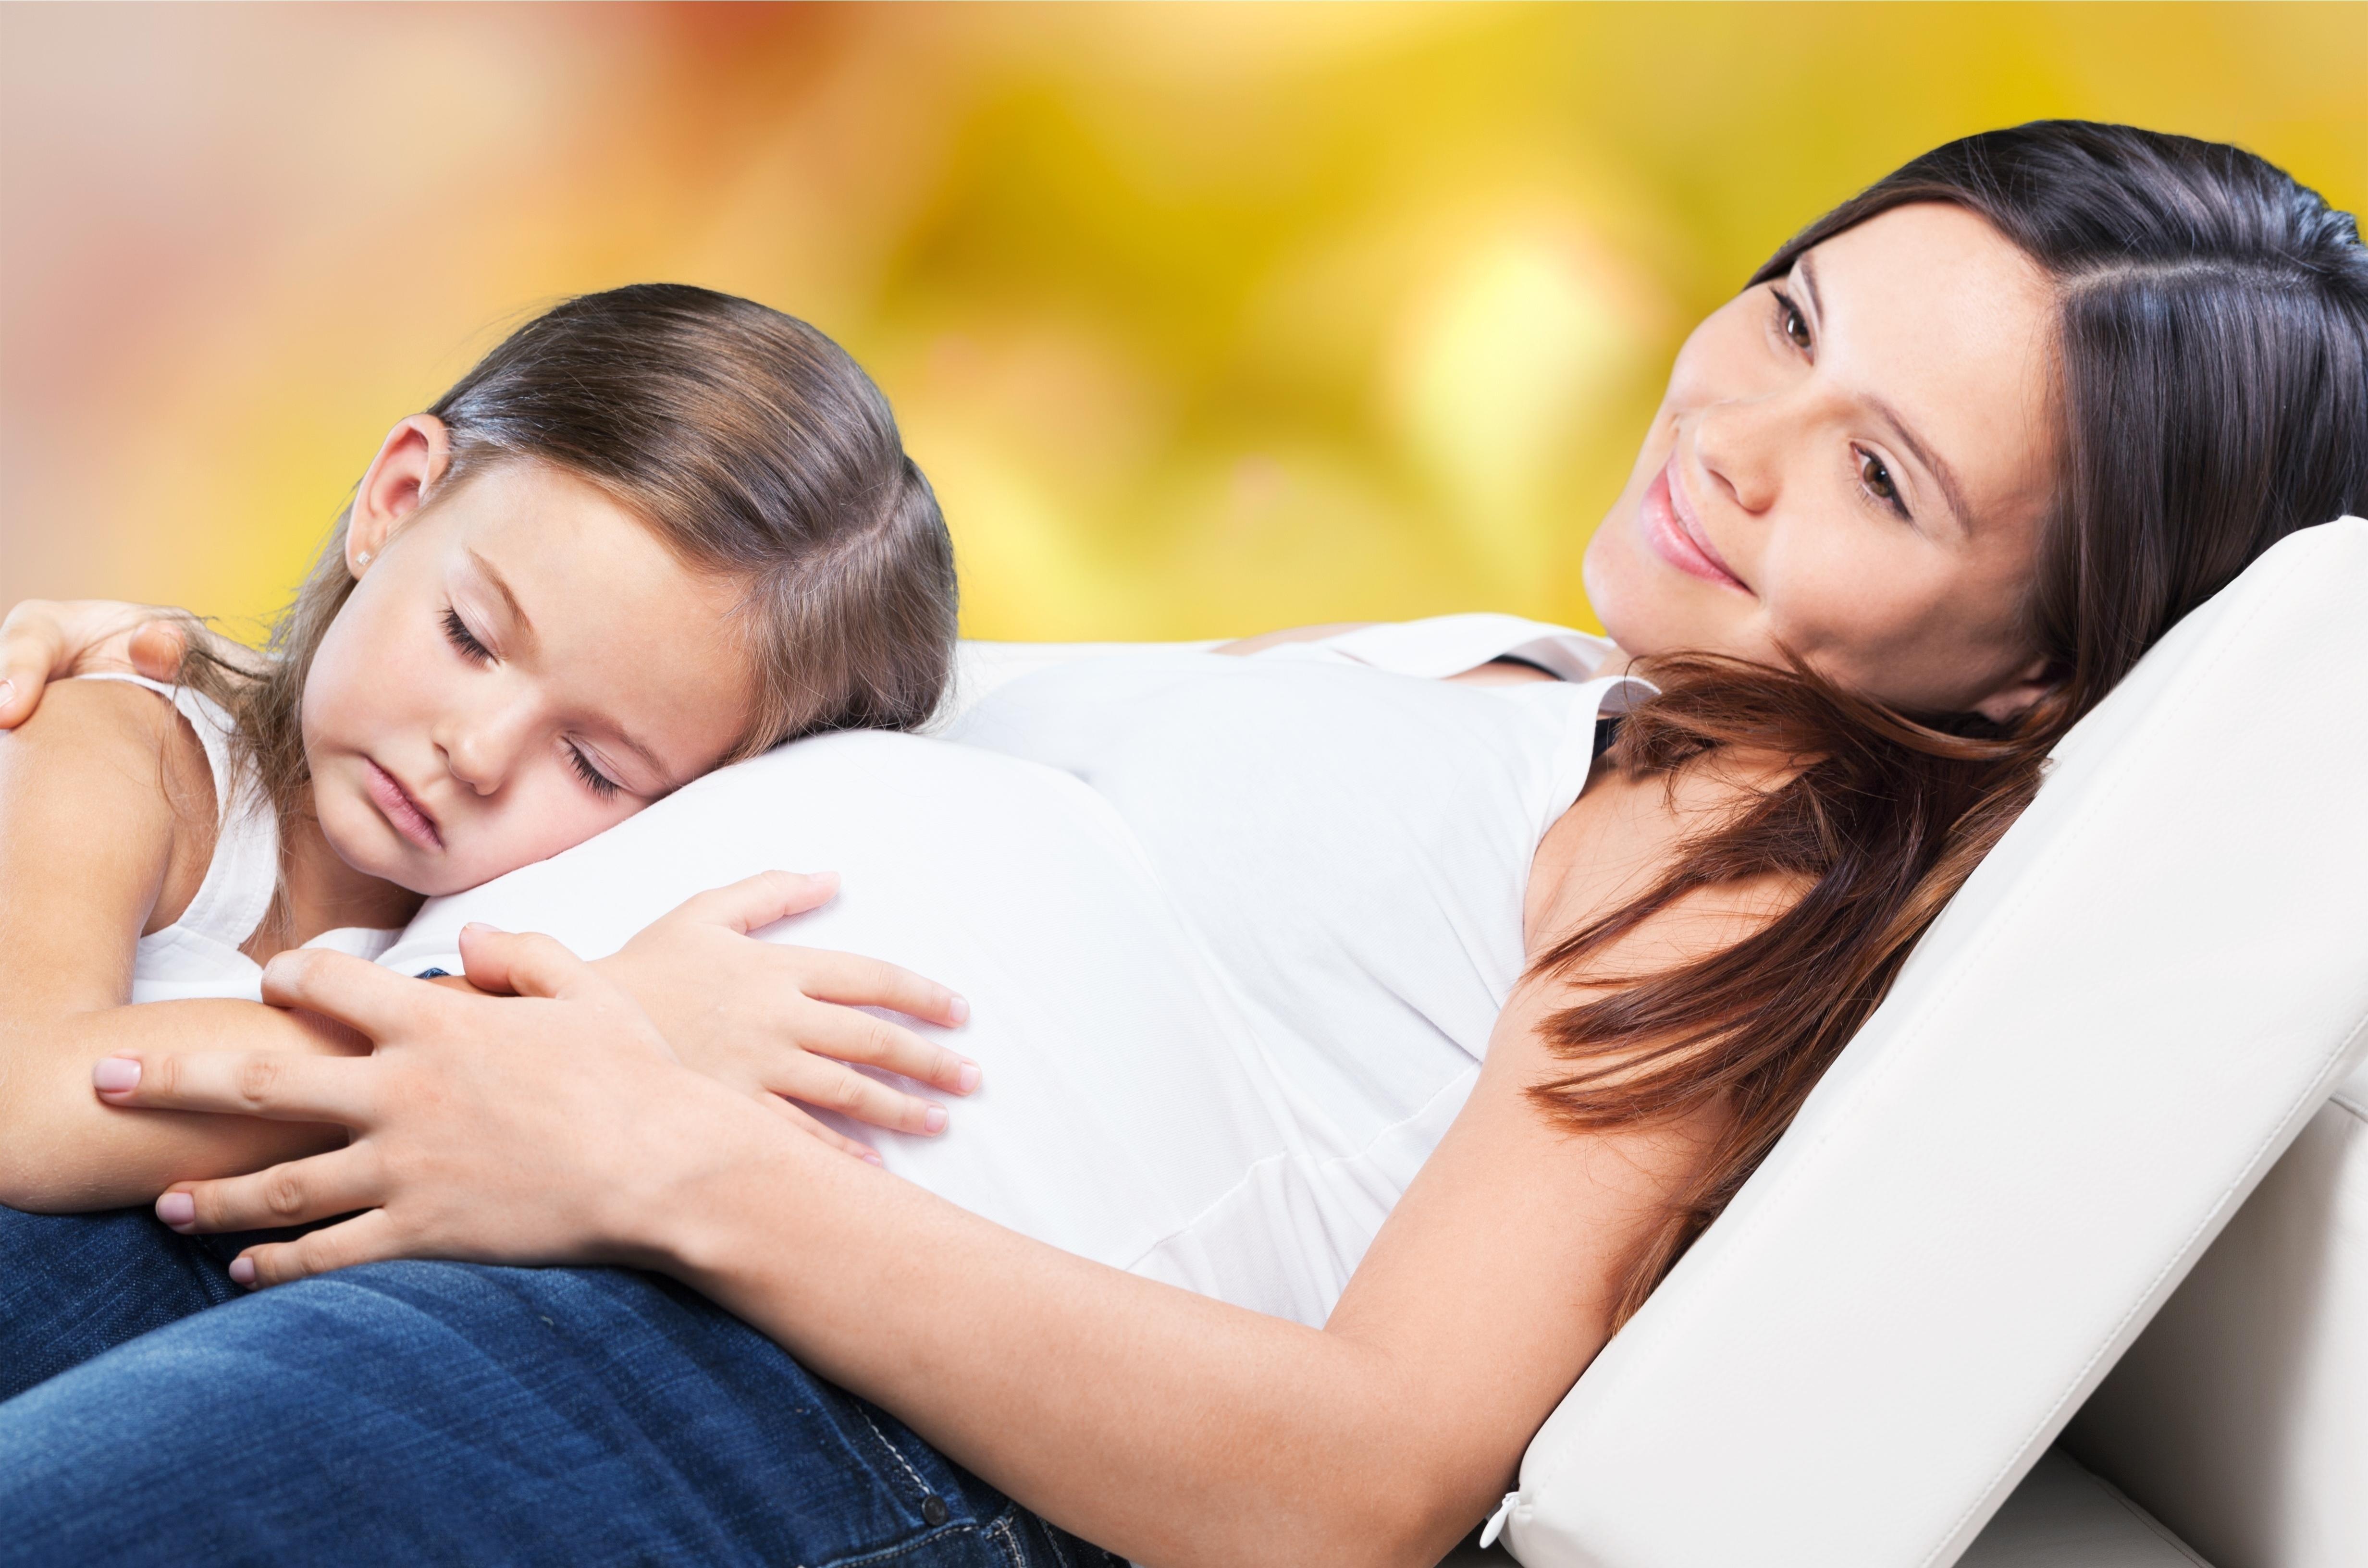 Ο ερχομός του δεύτερου παιδιού στην οικογένεια